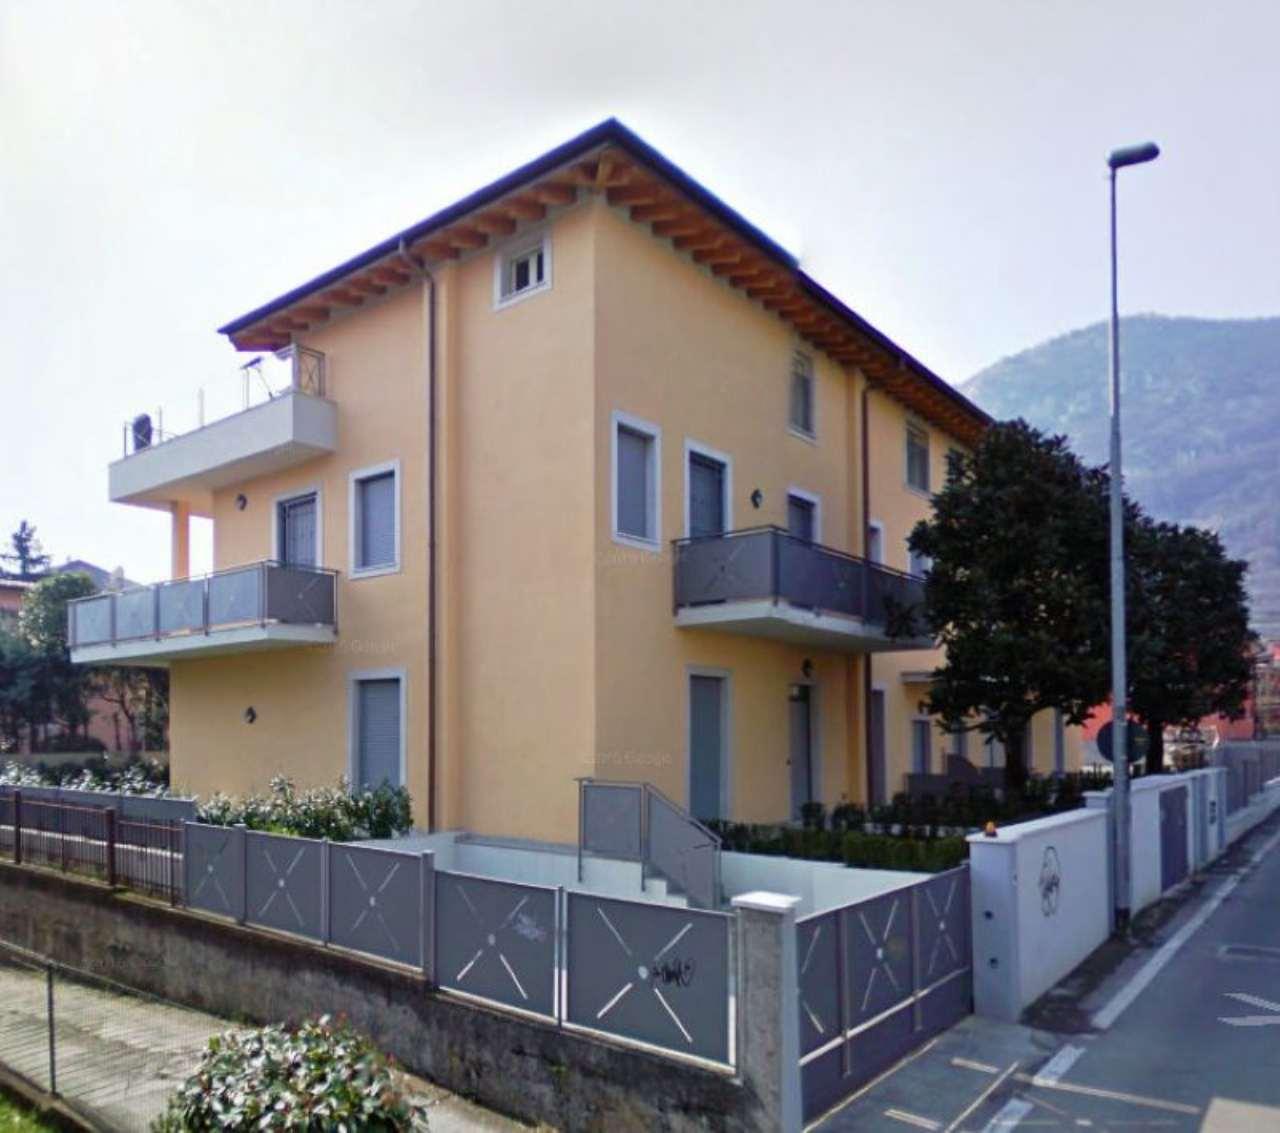 Attico / Mansarda in vendita a Botticino, 4 locali, prezzo € 420.000 | Cambio Casa.it